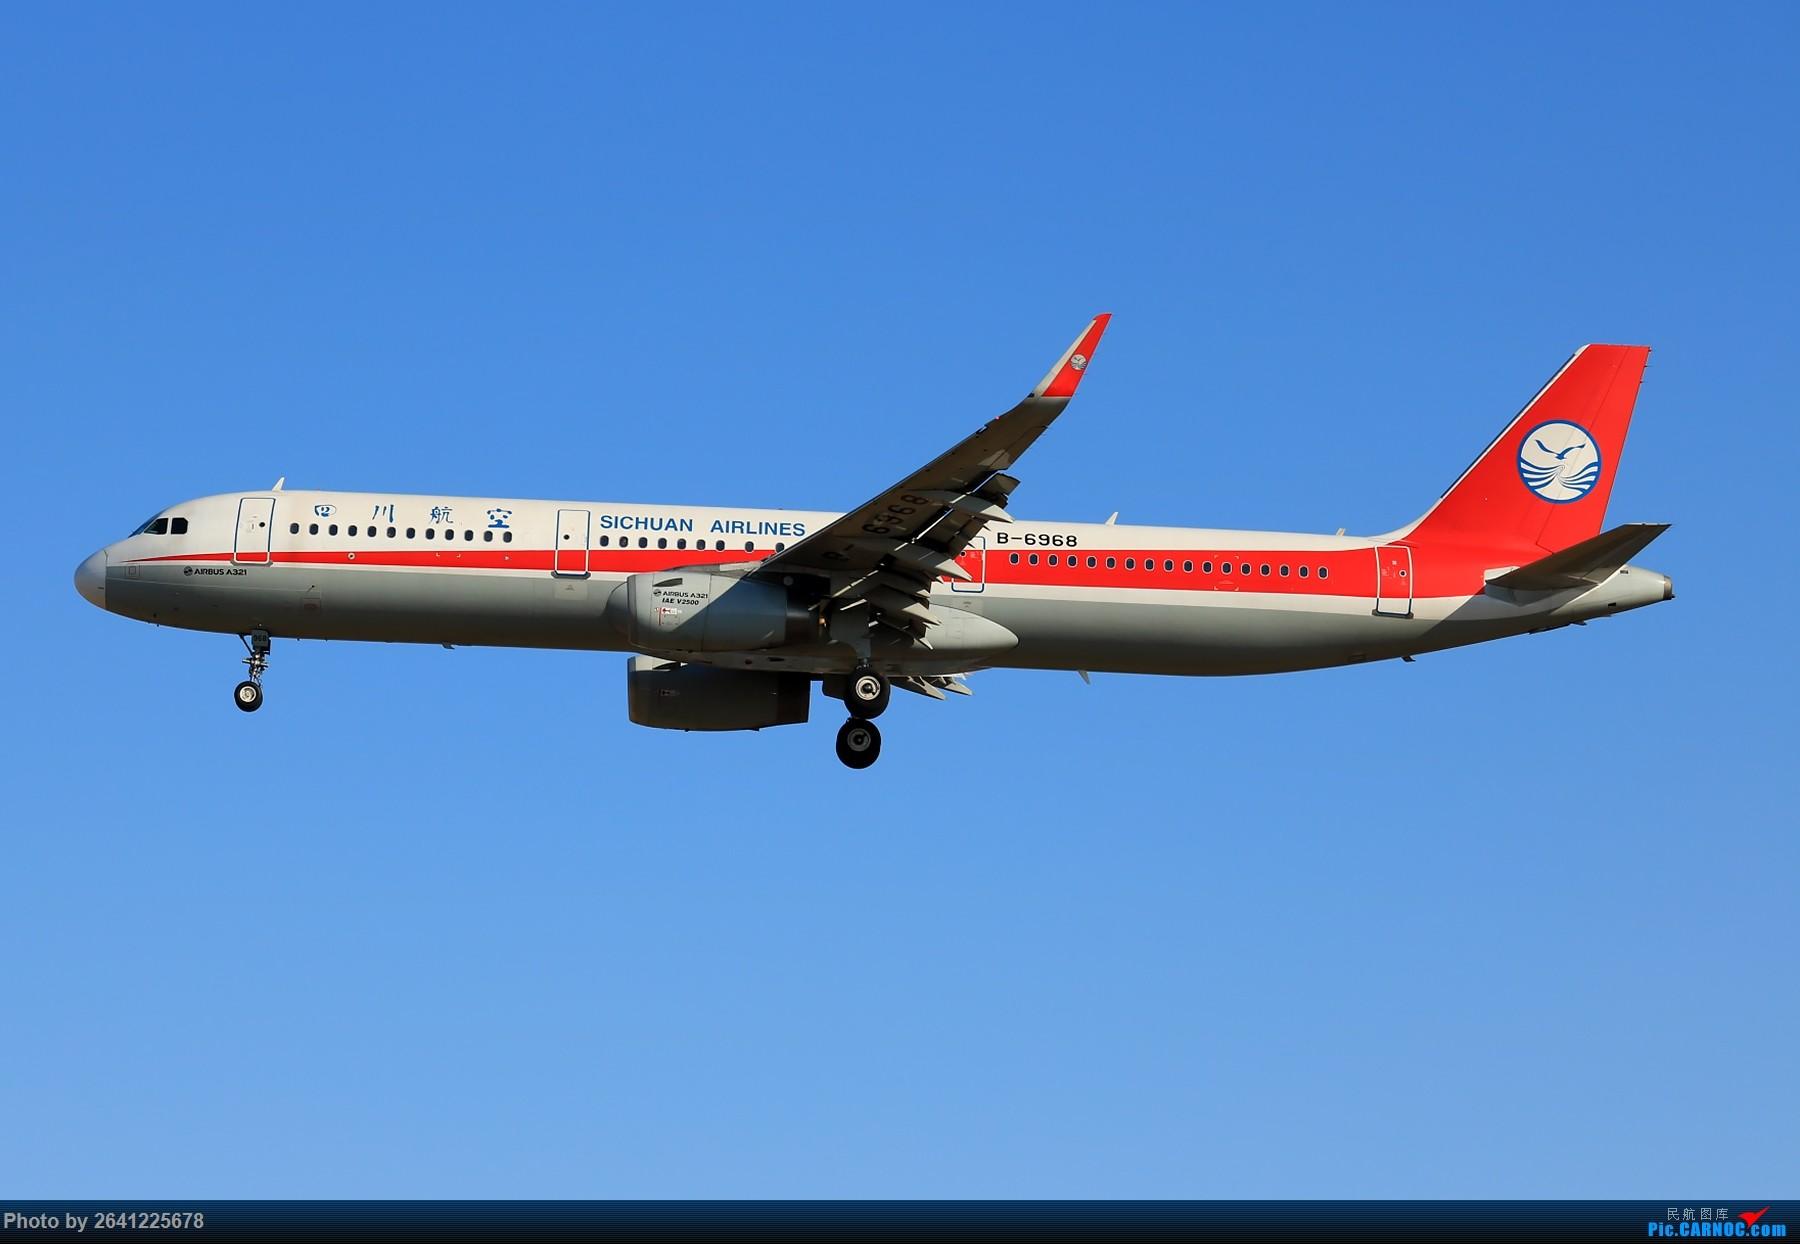 Re:[原创]【PEK】六七级北风吹走了雾霾,吹不走拍机的热情!1800*1200/1920*1280一组 图片略多,慢慢发 AIRBUS A321-200 B-6968 中国北京首都国际机场